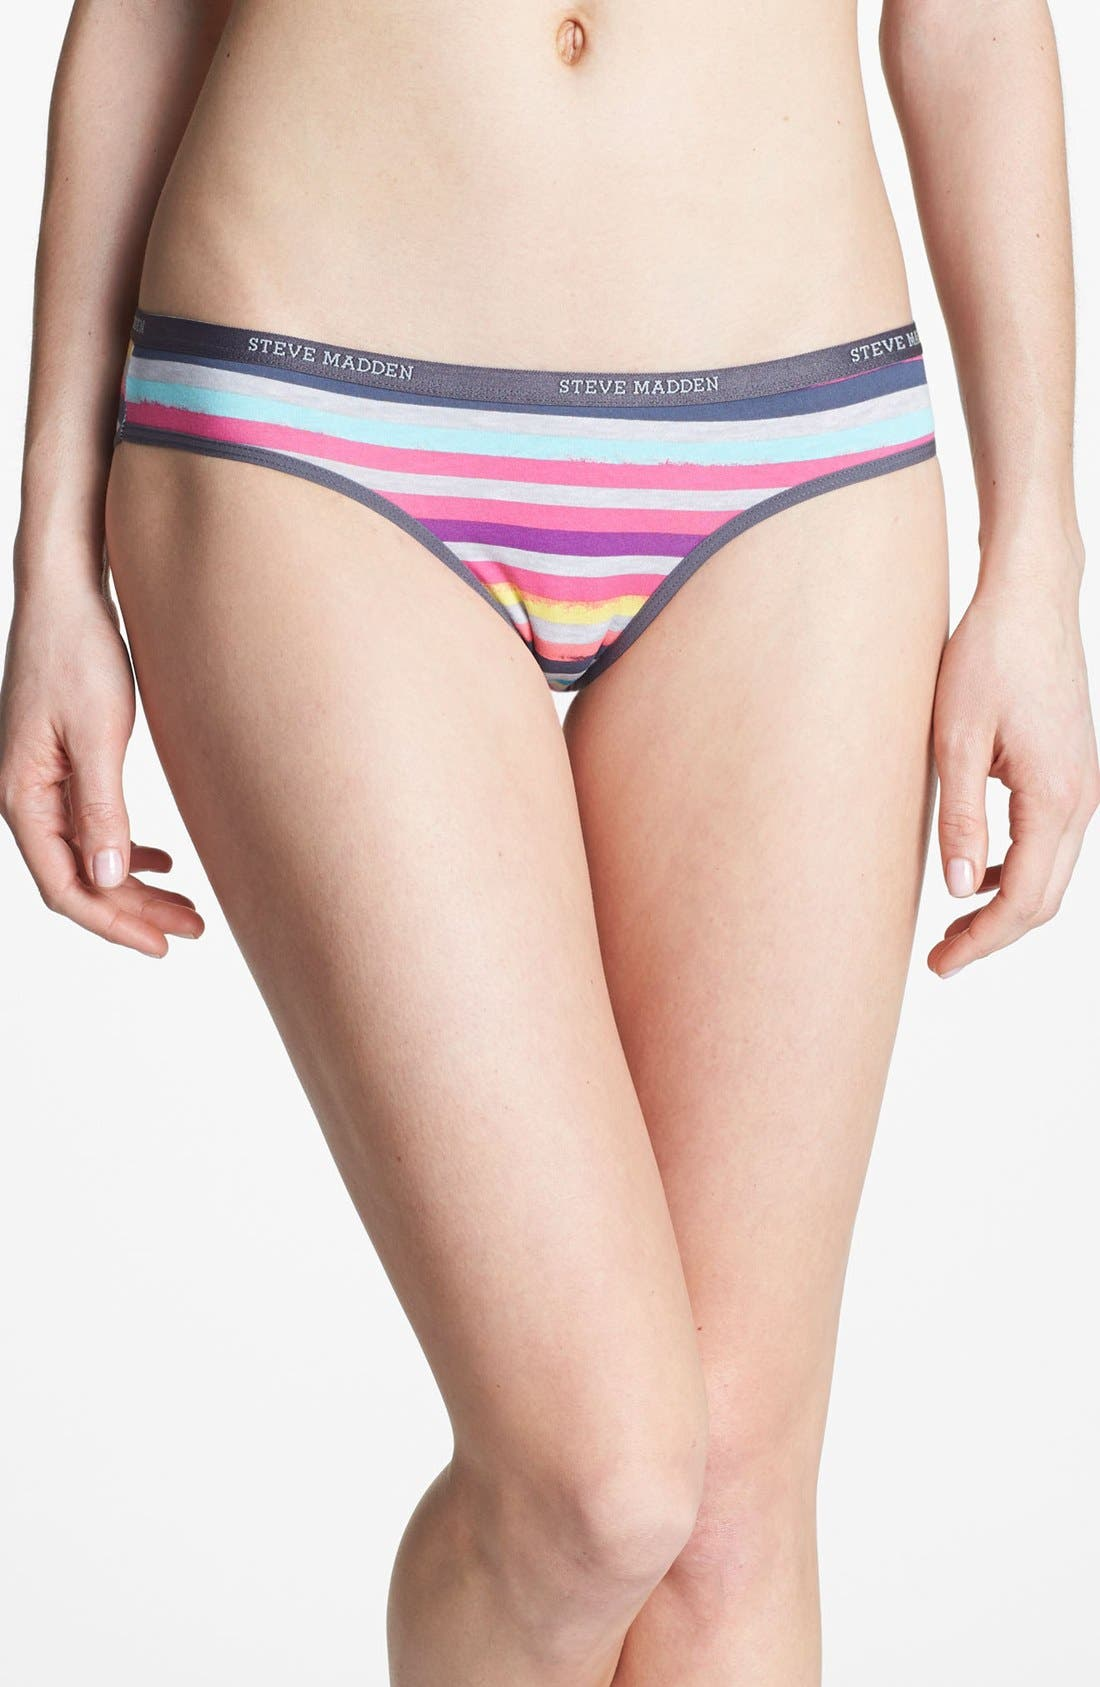 Alternate Image 1 Selected - Steve Madden 'Signature' Bikini (3 for $25)